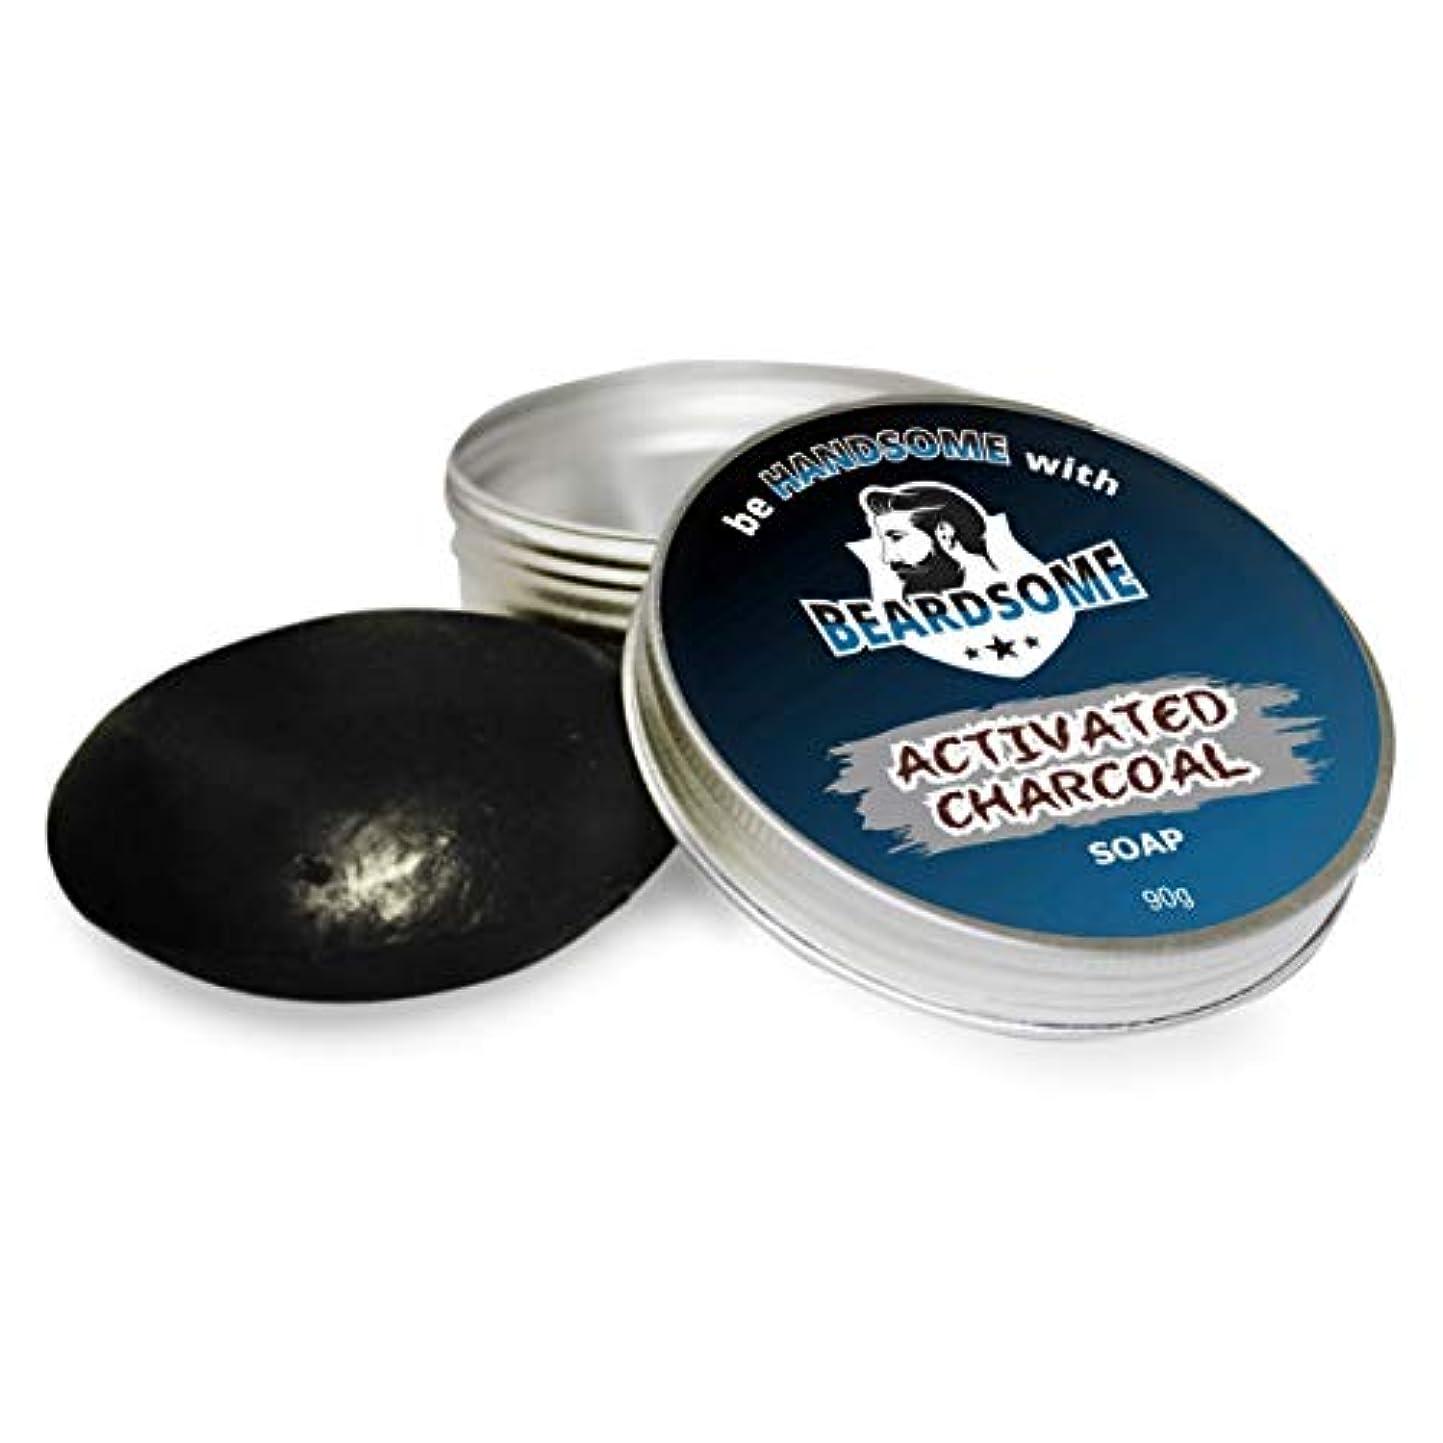 概要ミシン重量BEARDSOME Activated Charcoal Soap For Men 90g